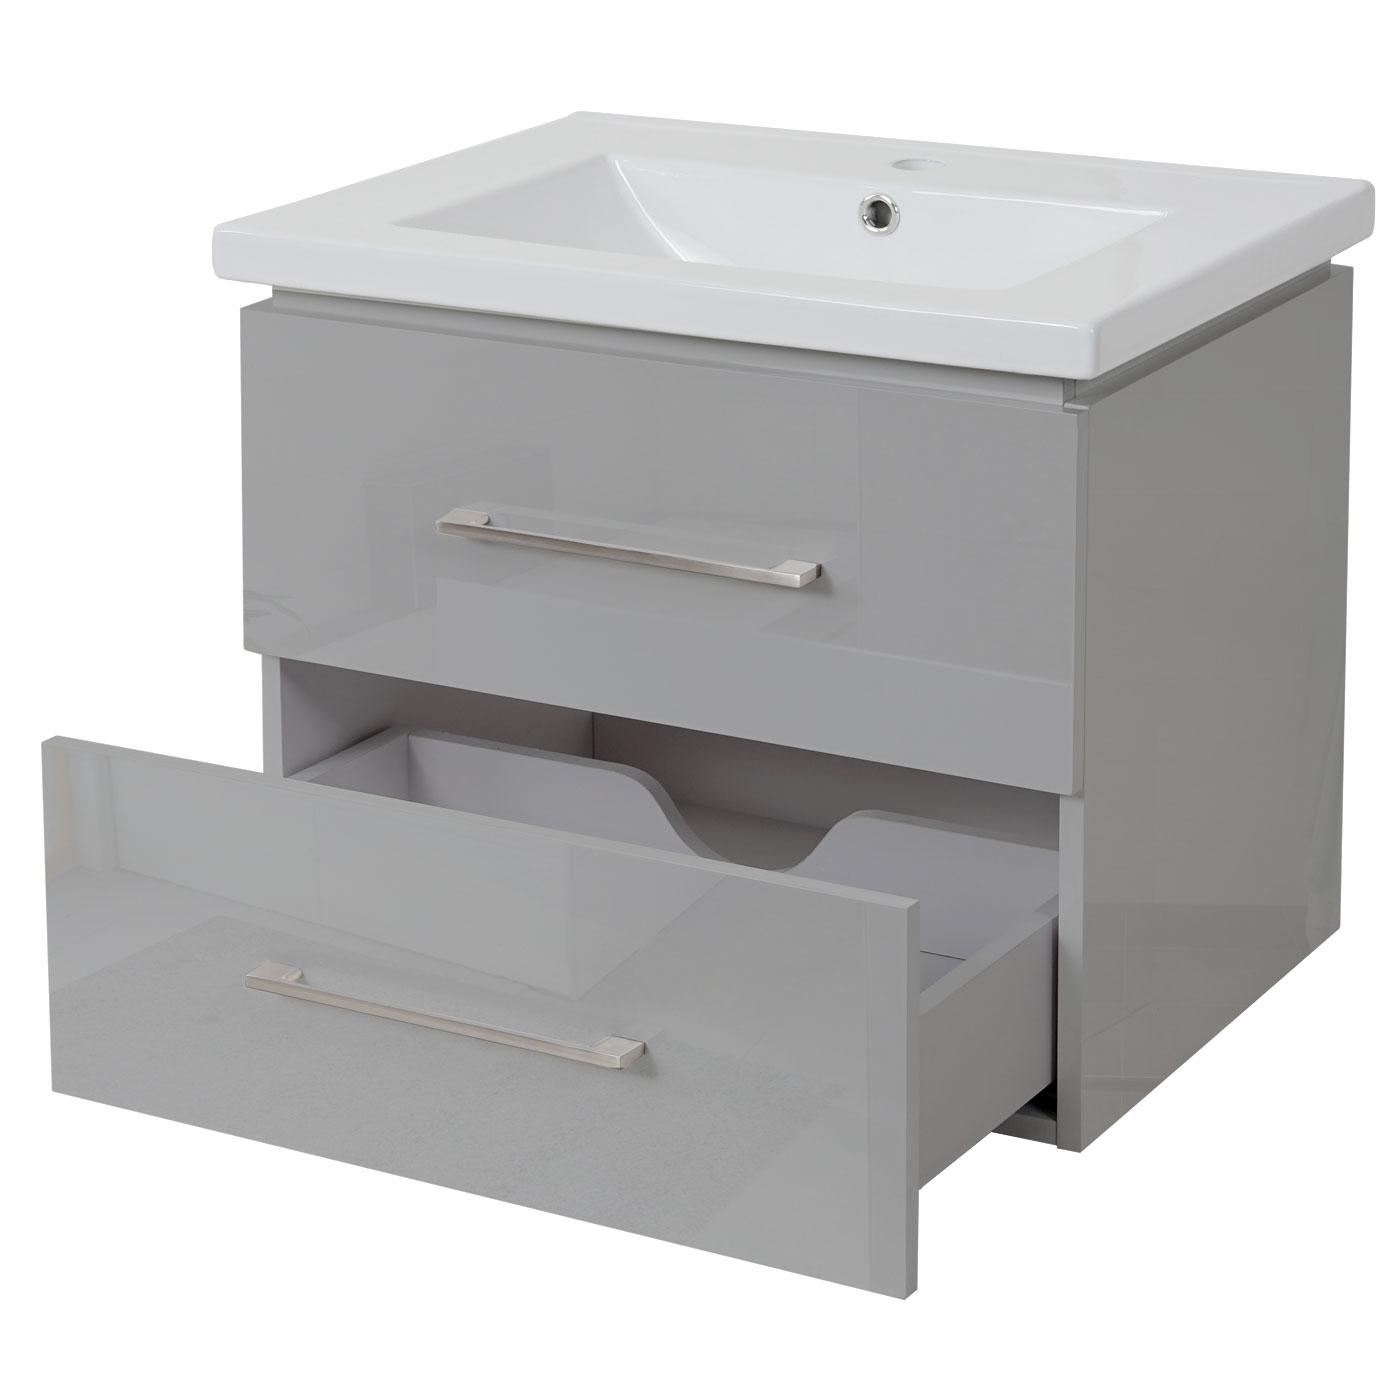 Premium Waschbecken Unterschrank Hwc D16 30mm